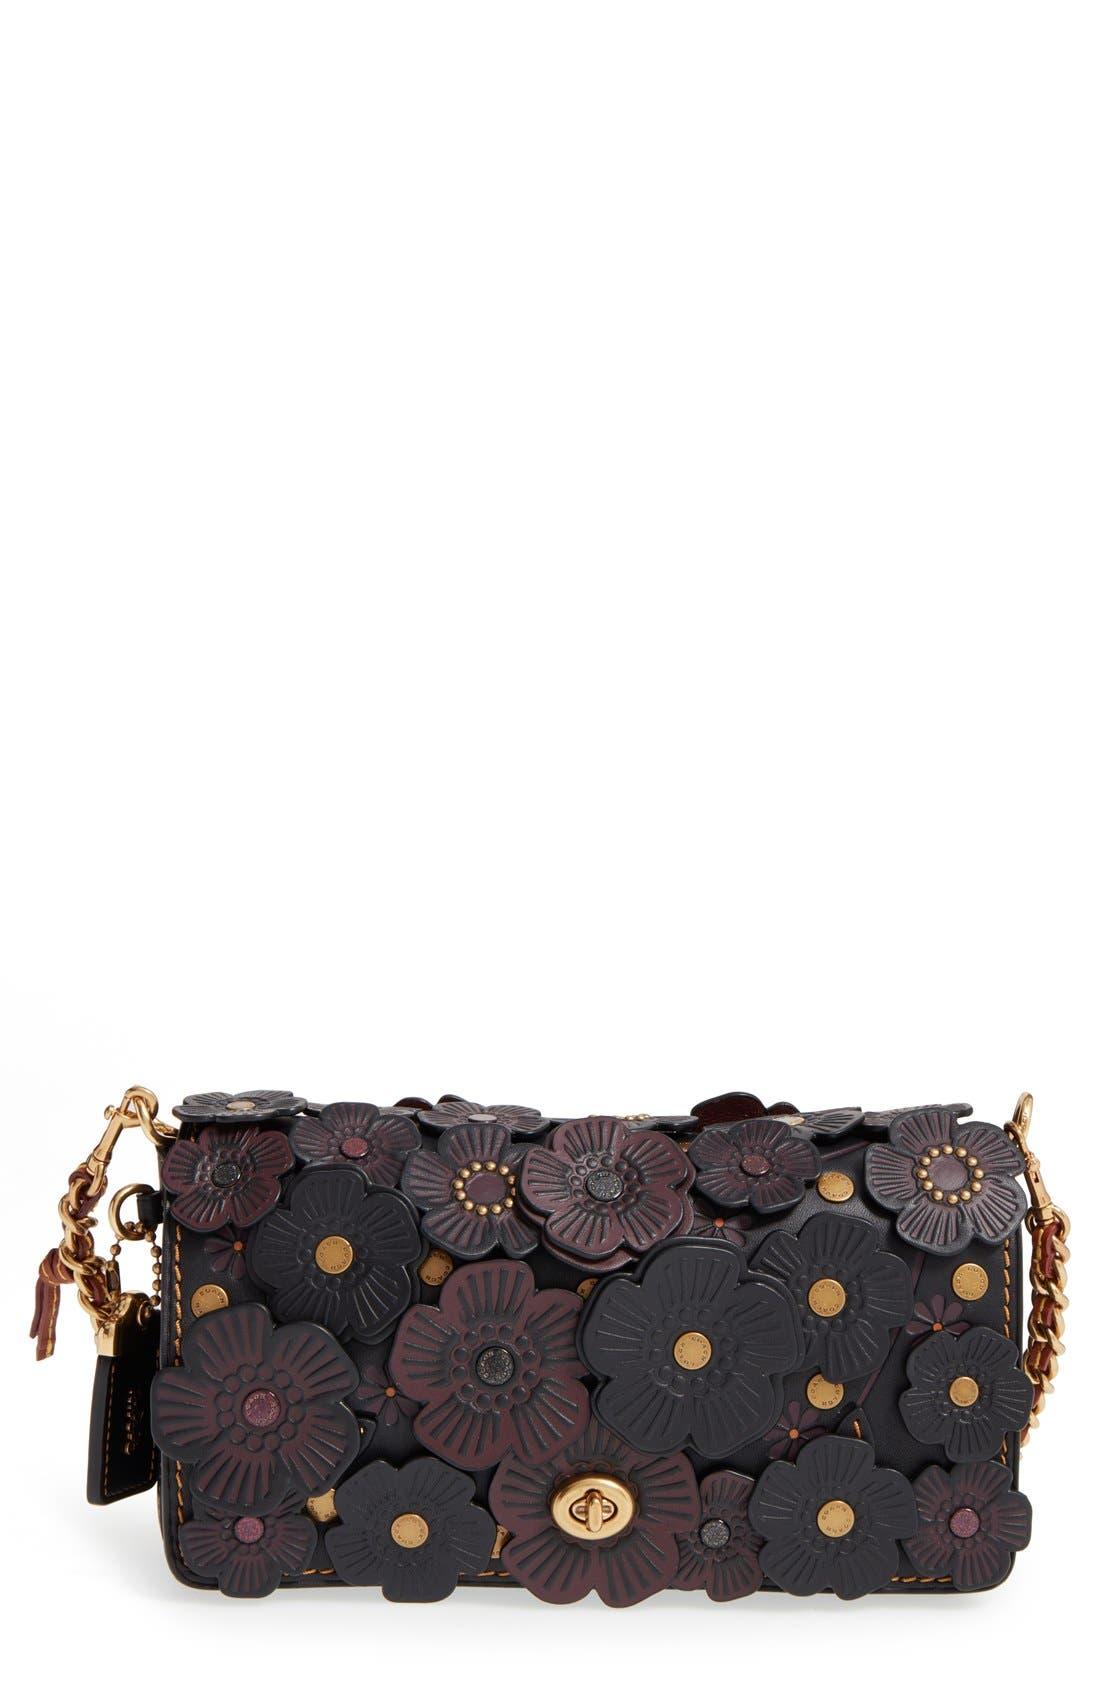 COACH 1941 Dinky Flower Appliqué Leather Crossbody Bag